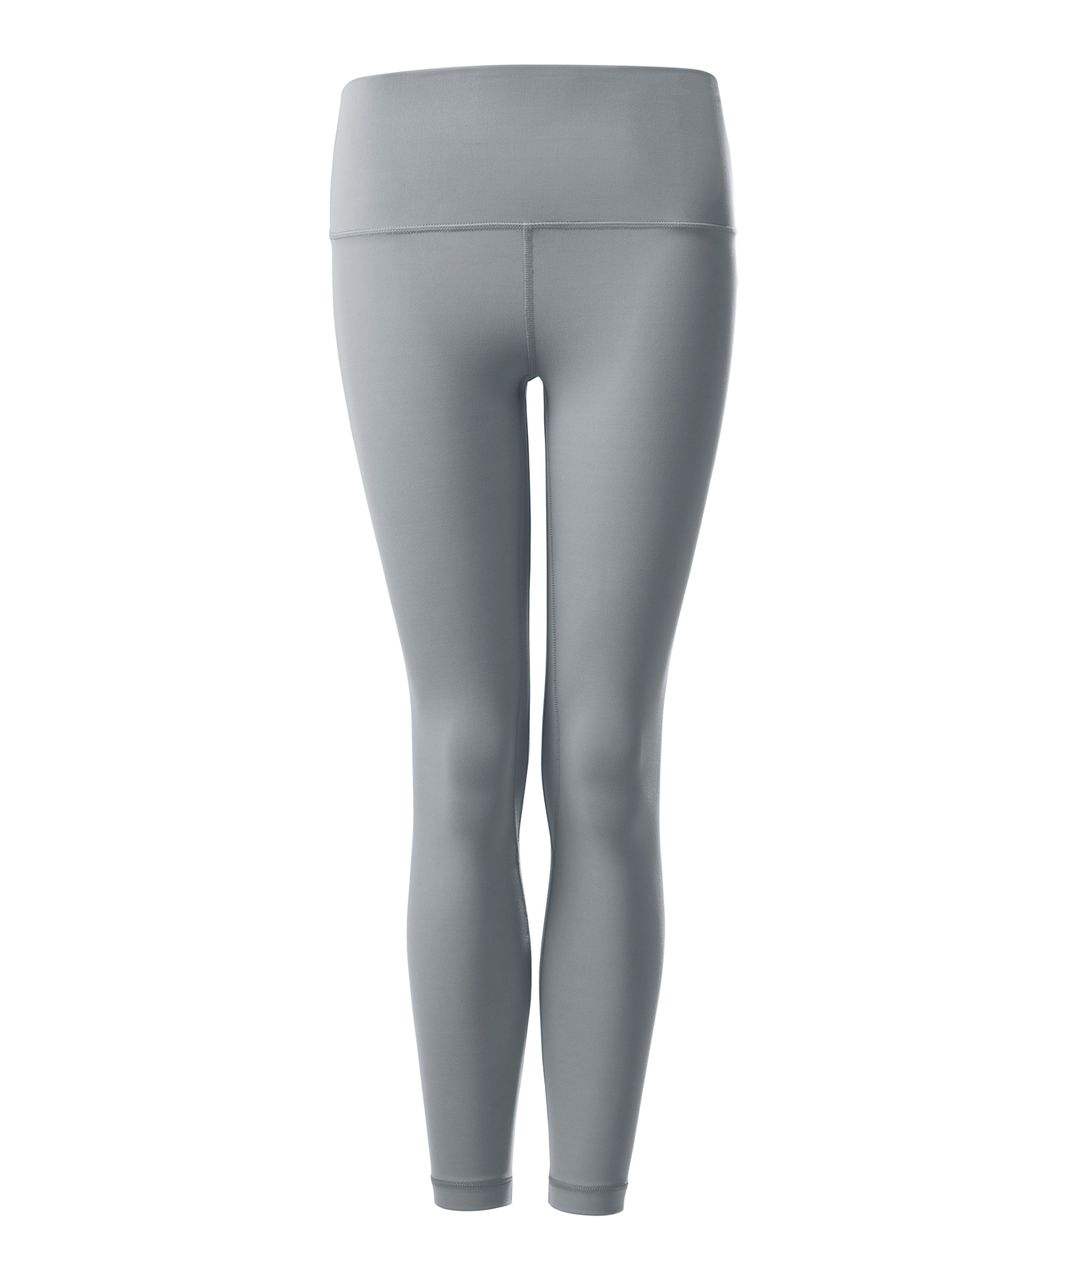 Lululemon Align Pant II - Slate